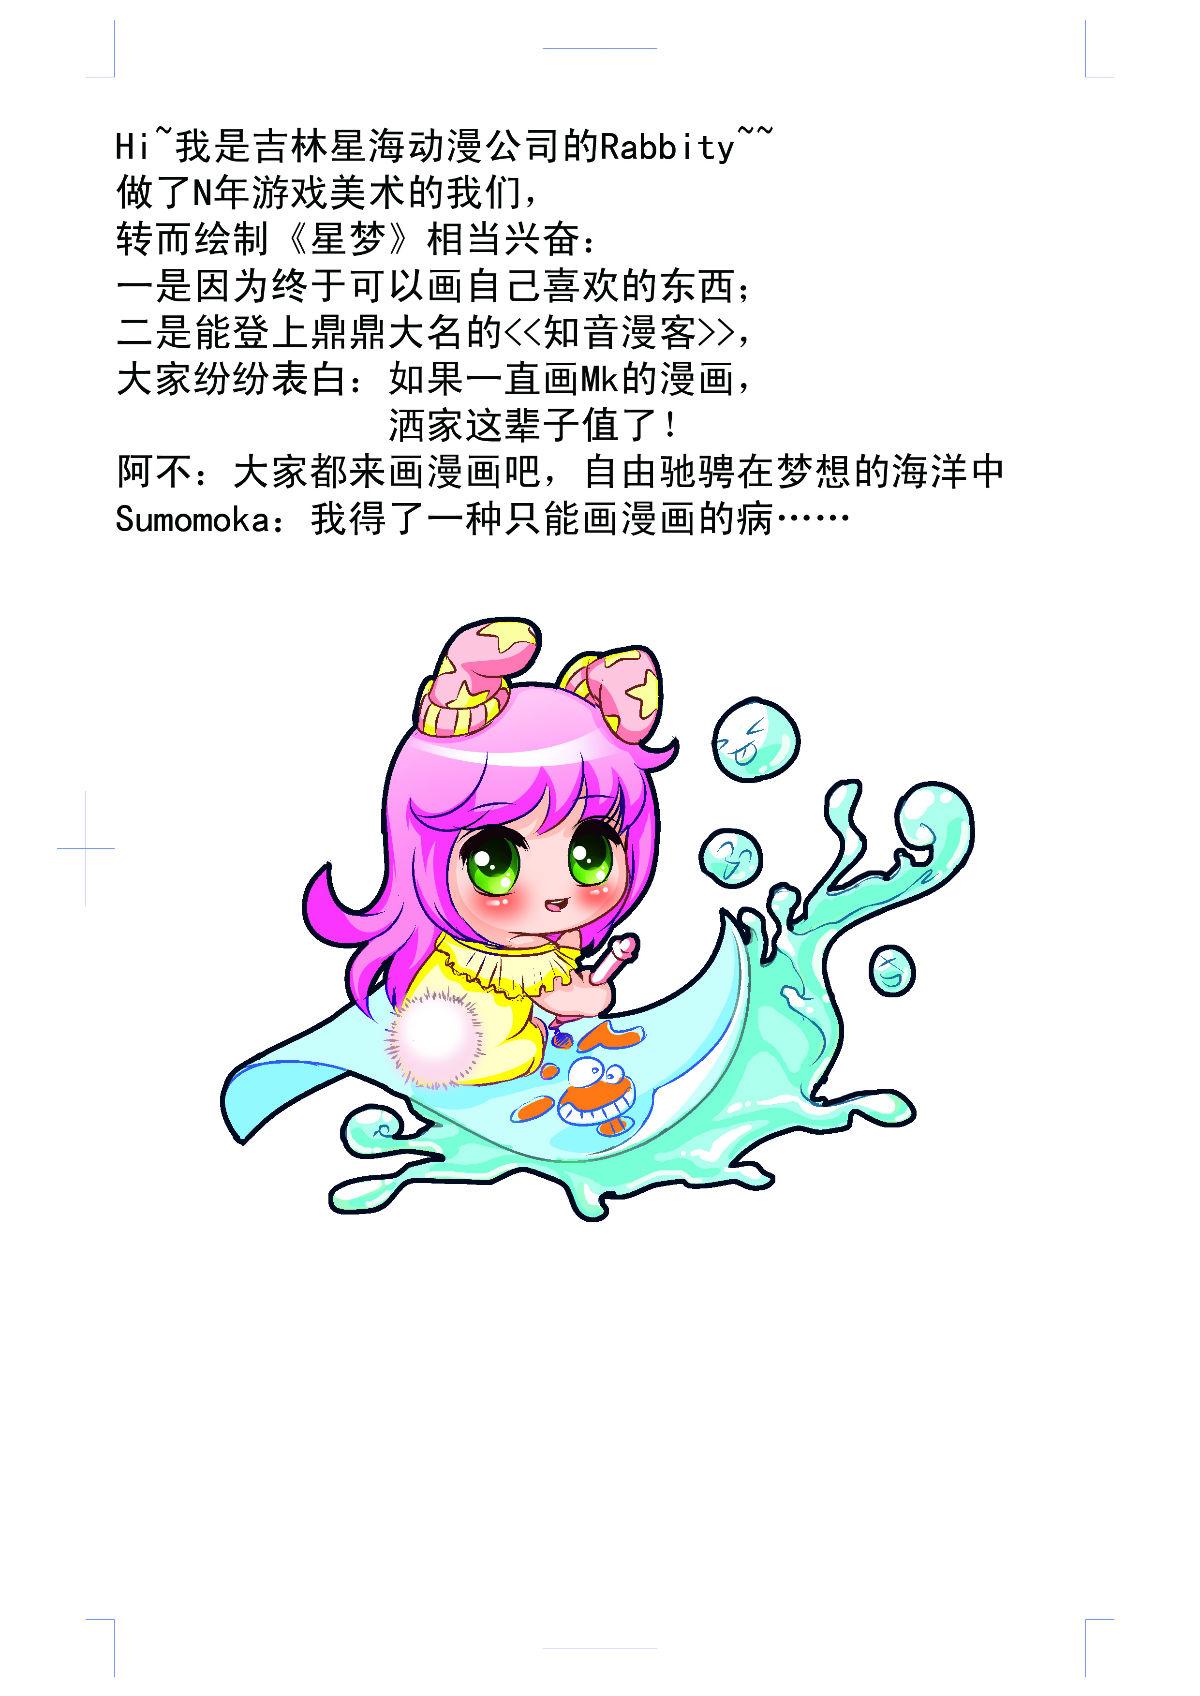 吉林星海动漫作品_动漫吧图片